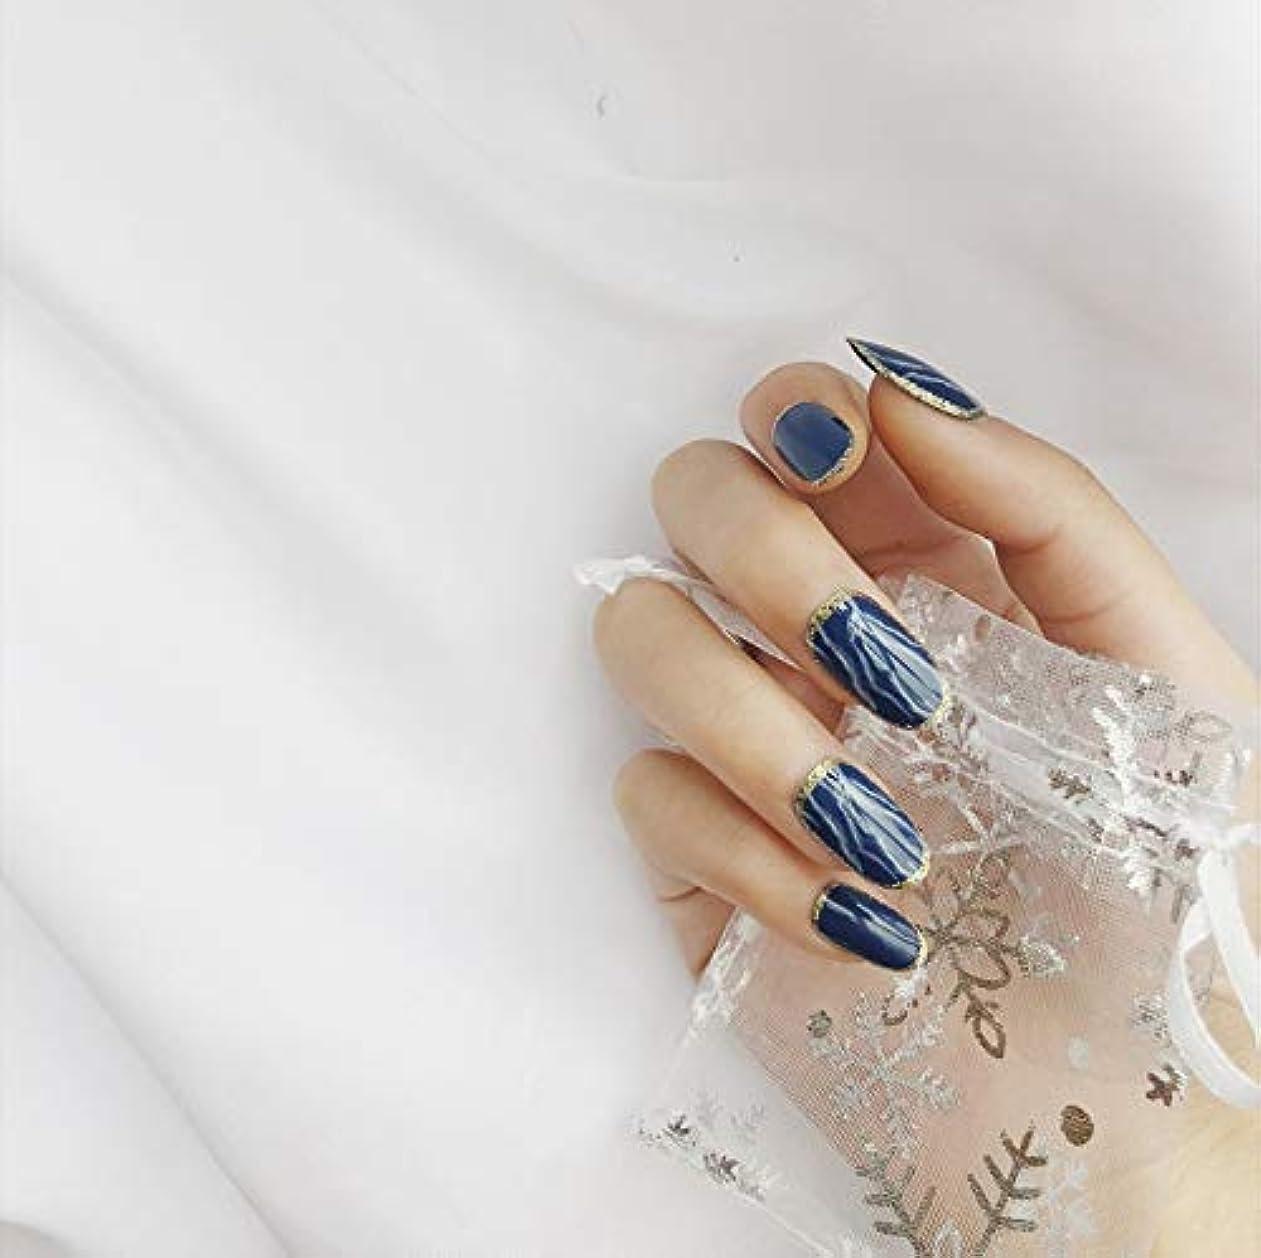 思慮のない歌手セブンVALEN Nail Patch ネイルチップ 綺麗な飾り付け 24枚入 原宿 和風 夢幻 和装 手作りネイルチップ 結婚式ネイルチップ